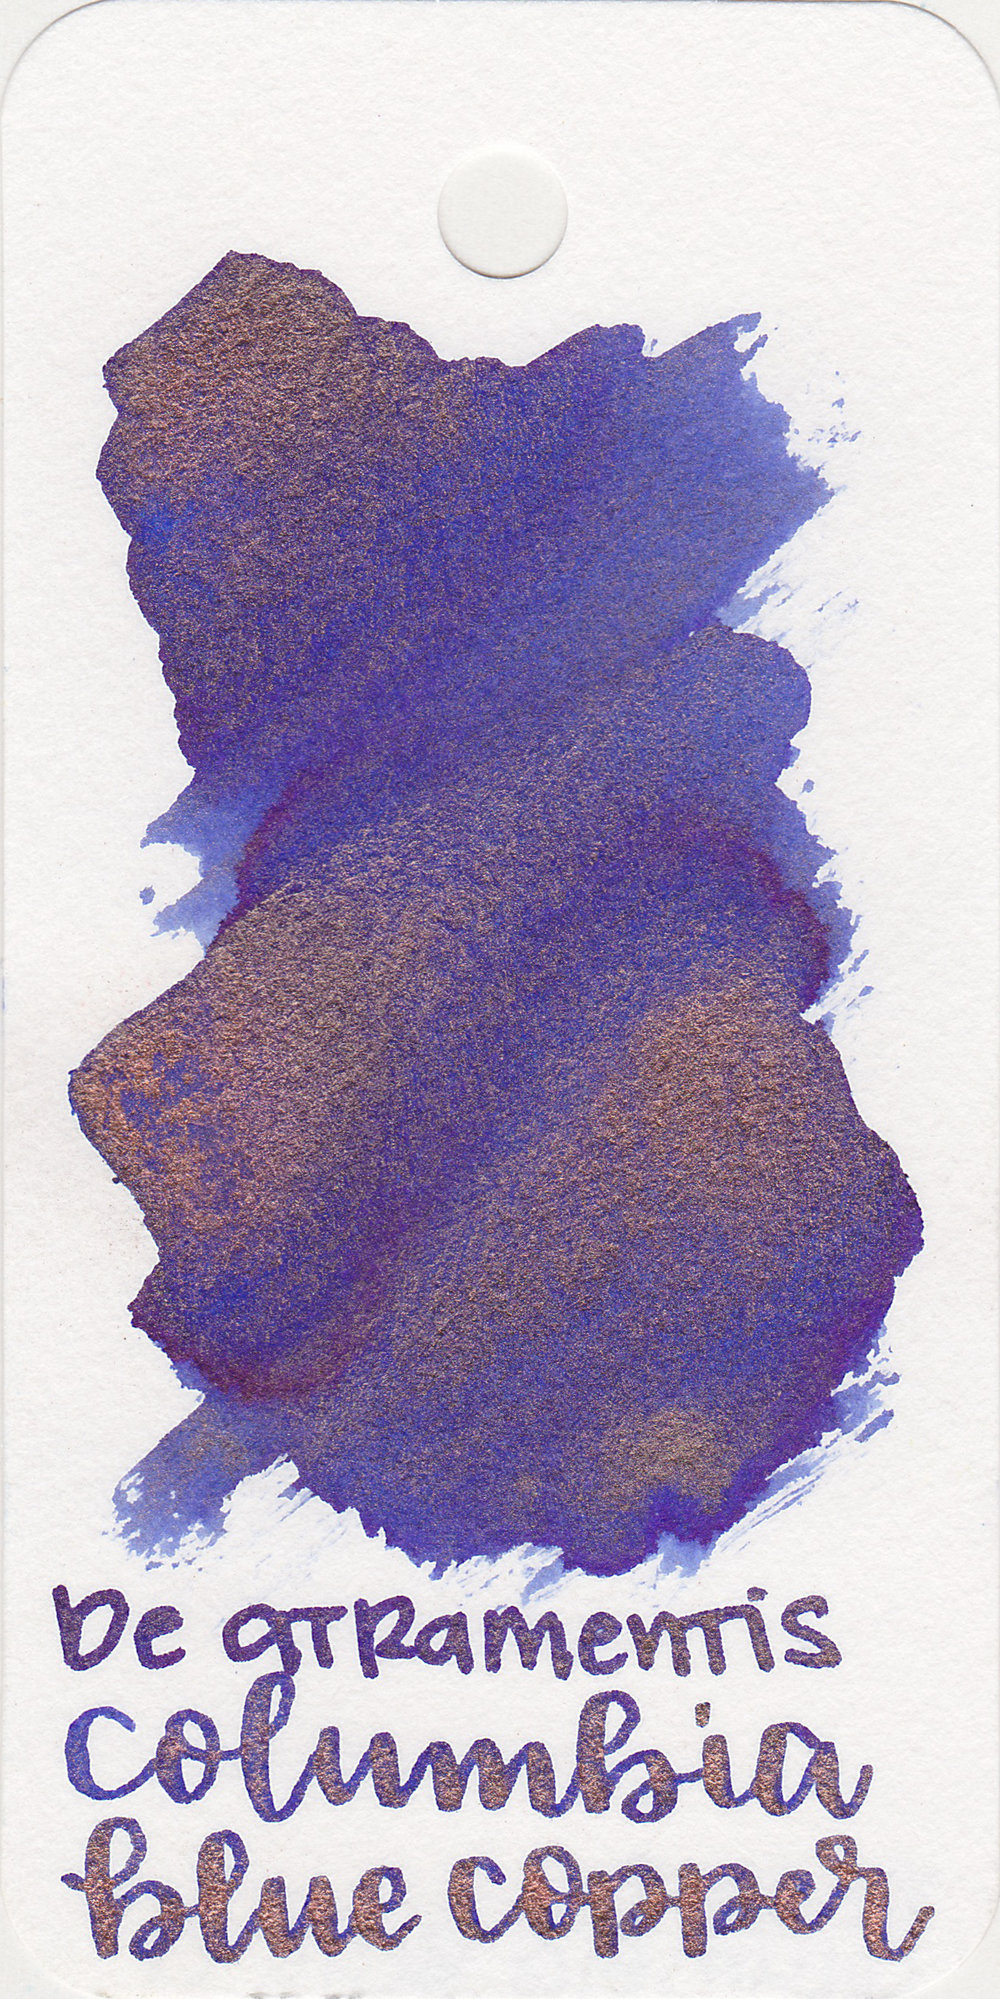 da-columbia-blue-copper-1.jpg